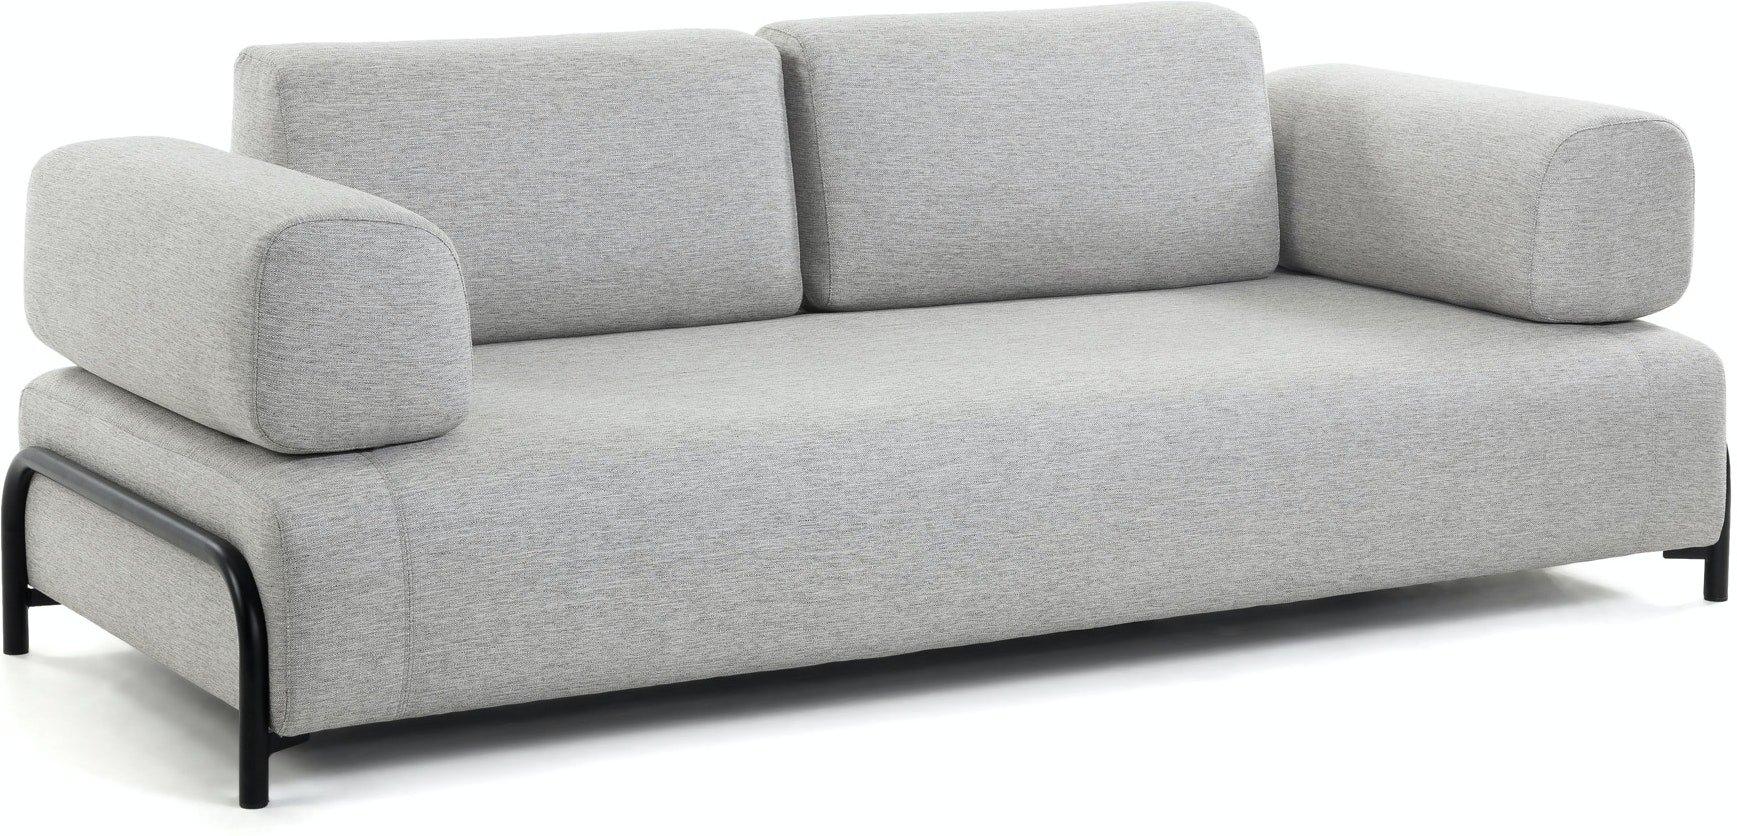 Compo, 3-personers sofa by LaForma (Armlæn v/h, Grå)